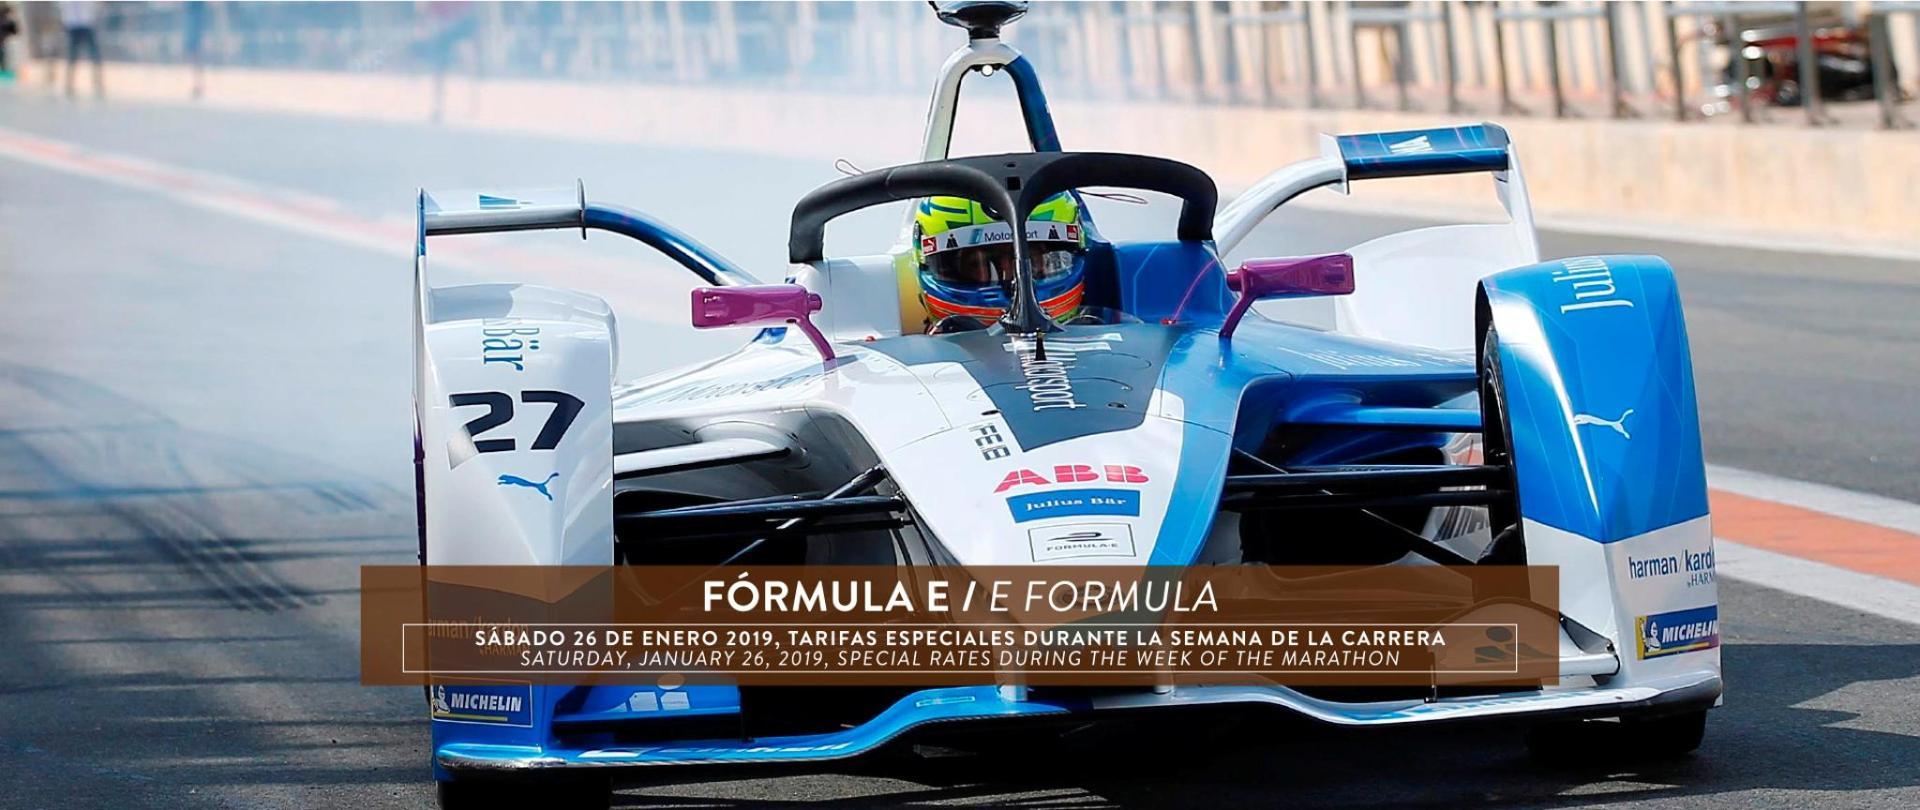 Fórmula E HG.png